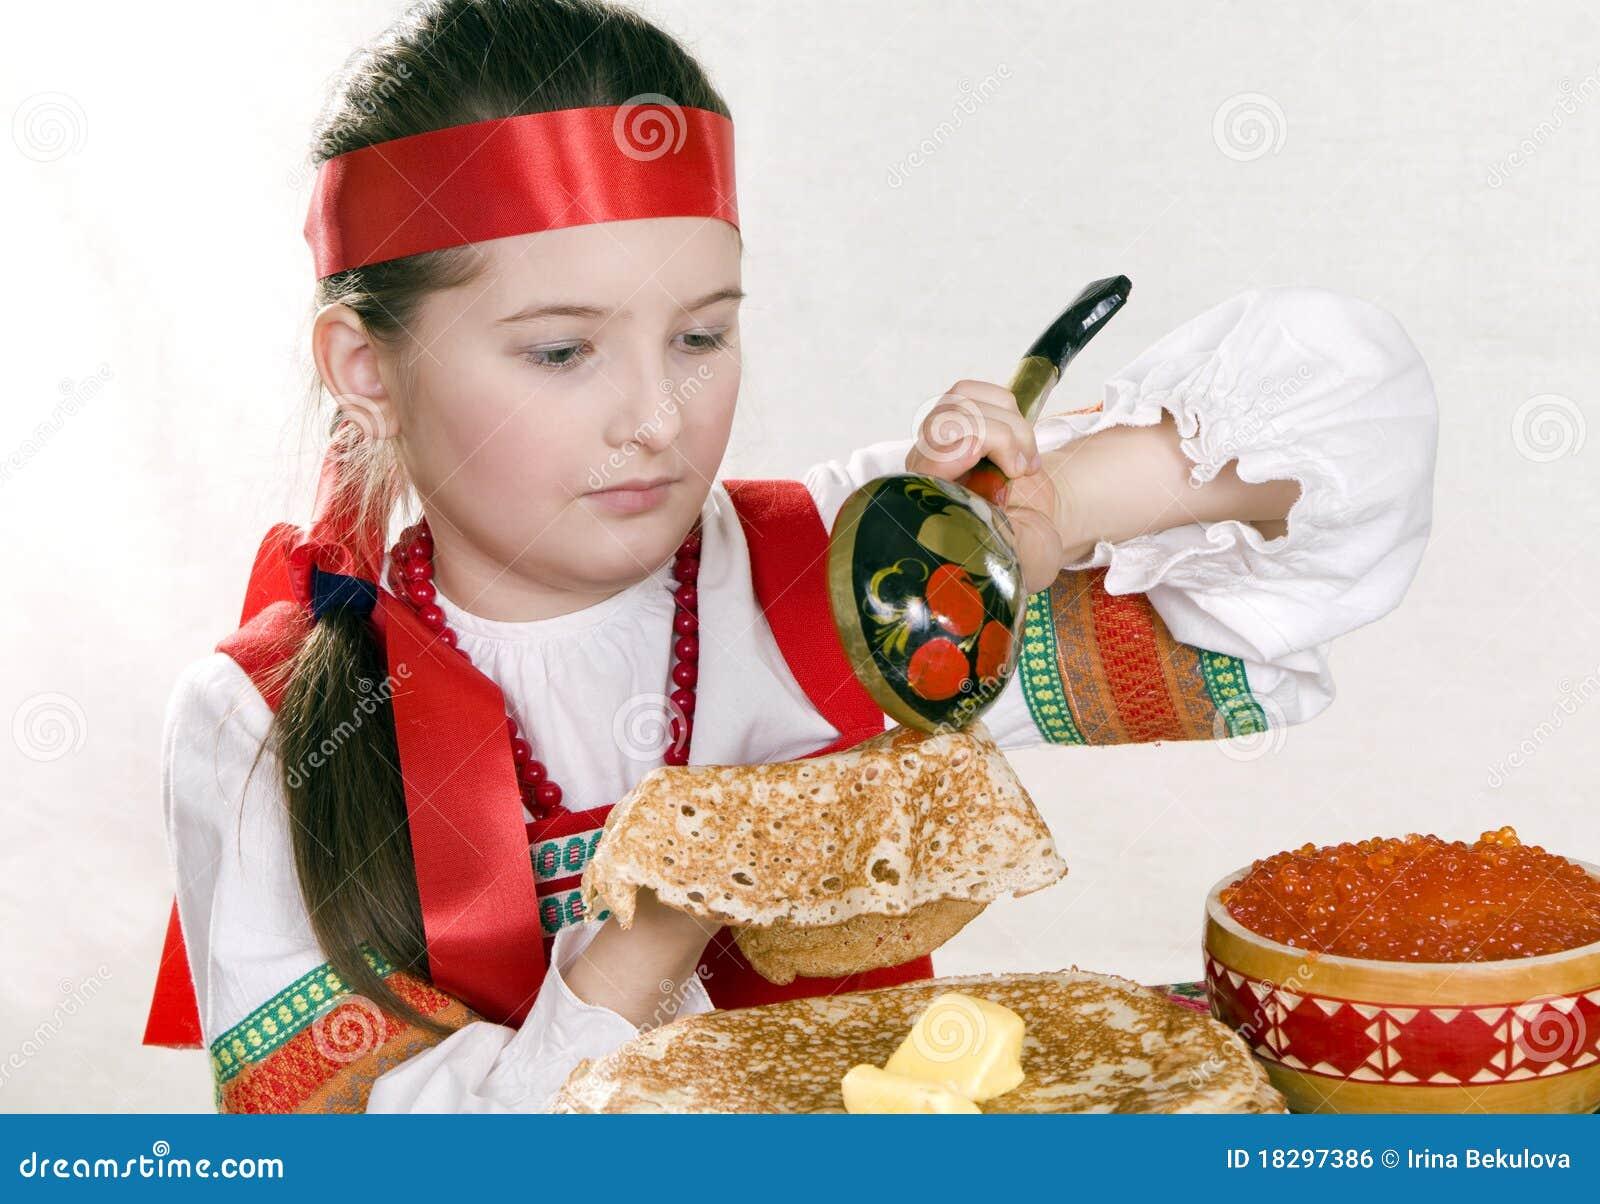 Image libre de droits: la fille russe mange des crêpes avec le caviar